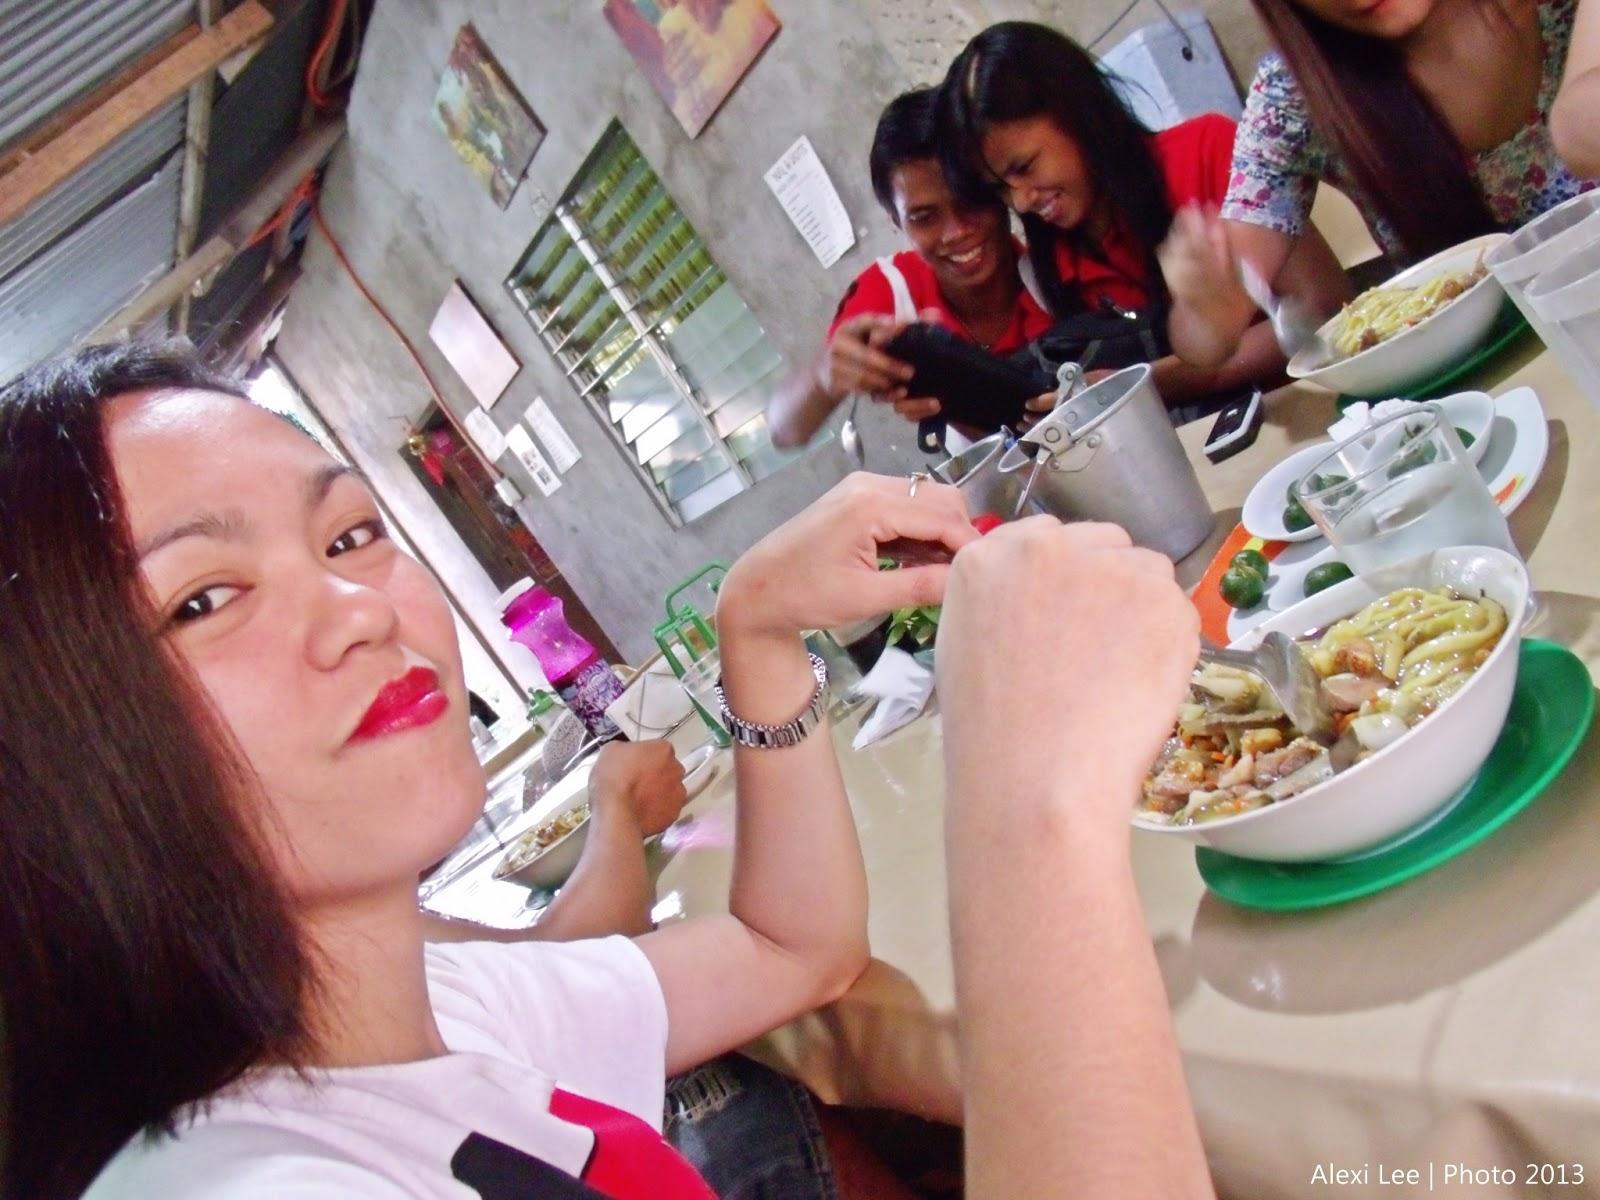 salamat dating Ang cute cute mo talaga 3 korek ka dyan 4 hanep astig ng dating mo sentences from tagalog 9 maraming salamat po mabuhay po.